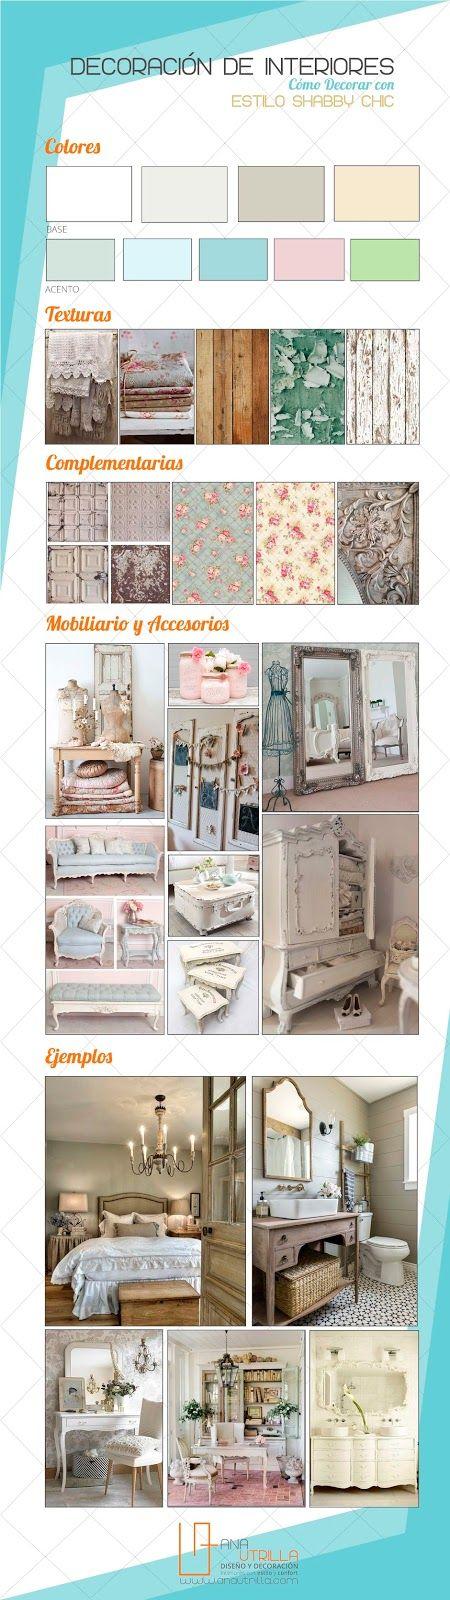 Infografía ¿ #CómoDecorar tu hogar con estilo #ShabbyChic? #Decoración de interiores #Online Consejos Info@anutrilla.com